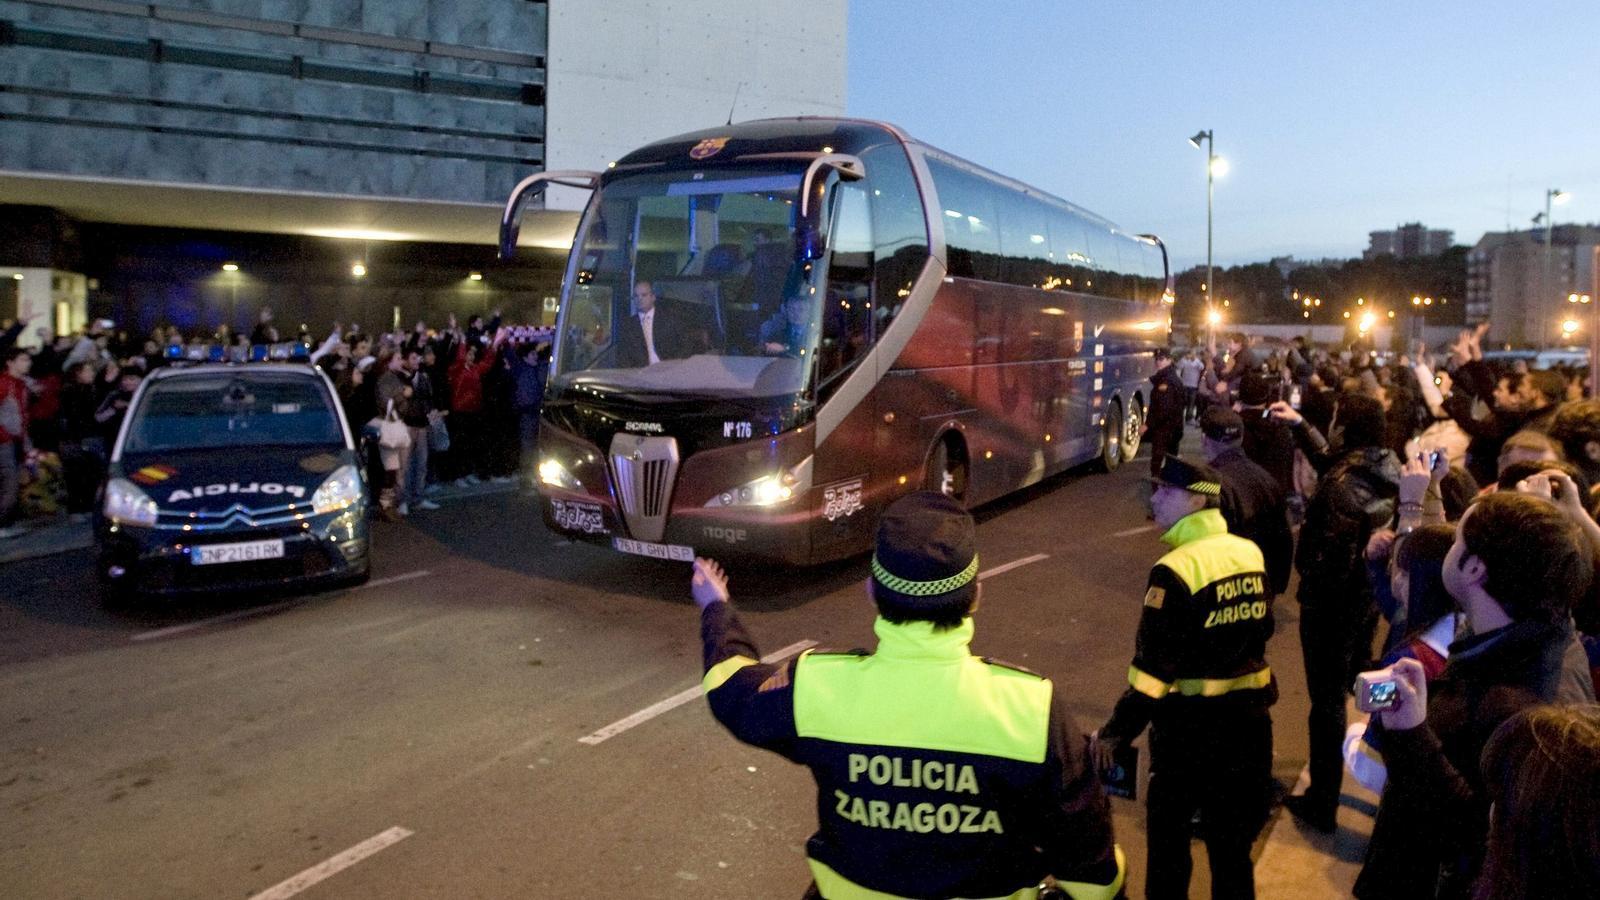 L'autobús del Barça sortint de l'estació de l'AVE de Saragossa en direcció cap a Pamplona. Foto: EFE